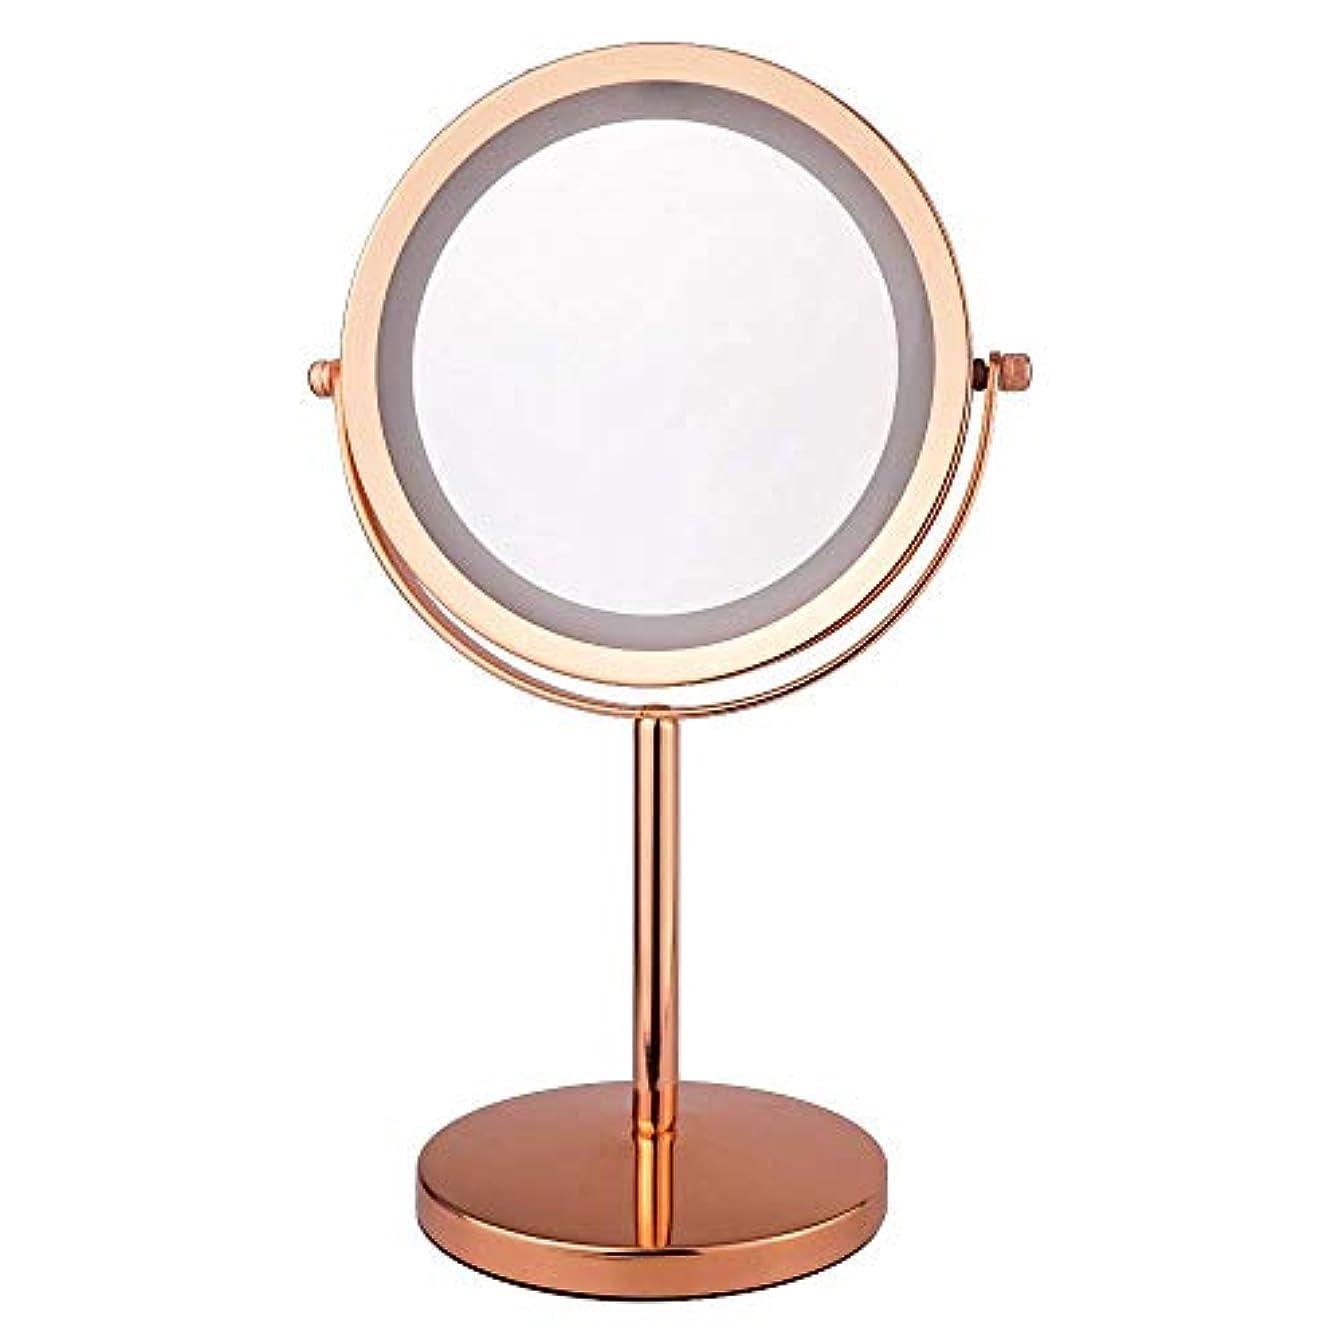 血まみれの免疫するグリーンバック化粧鏡 5倍 拡大鏡 付き led ミラー LED 両面 鏡 卓上 スタンドミラー メイク 360度回転スタンドミラー